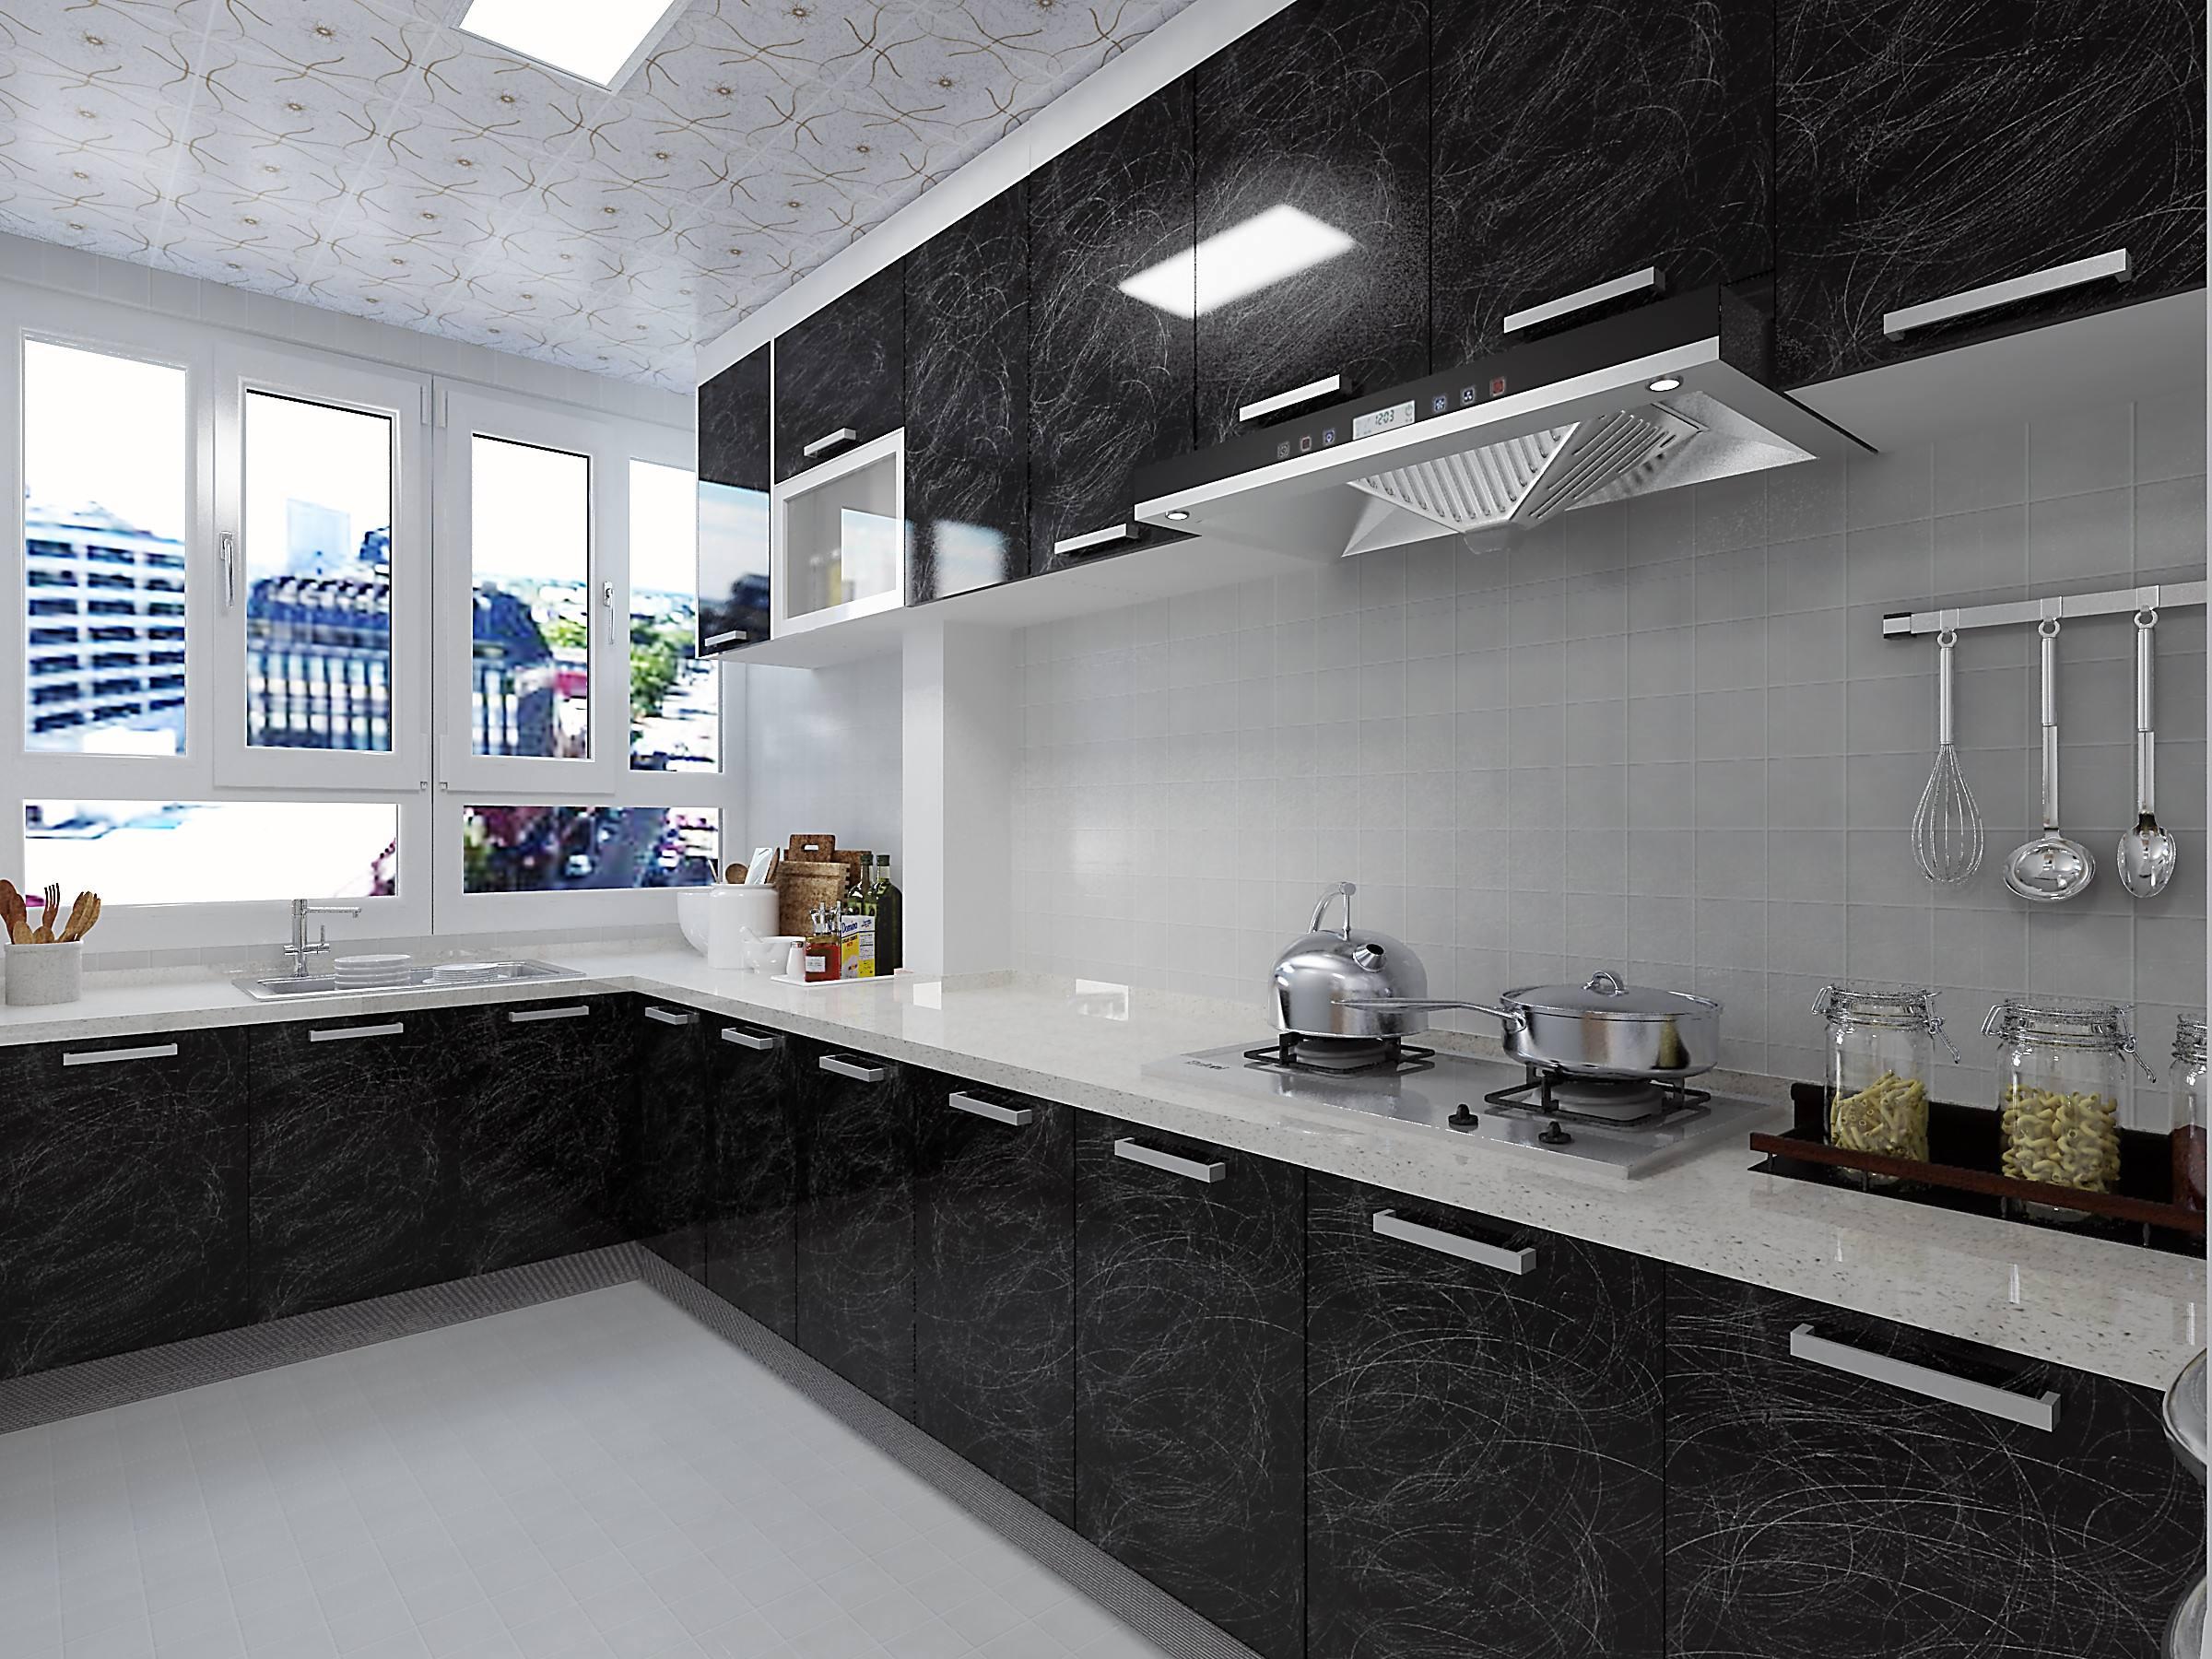 北京装修公司教你厨房装修设计技巧有哪些